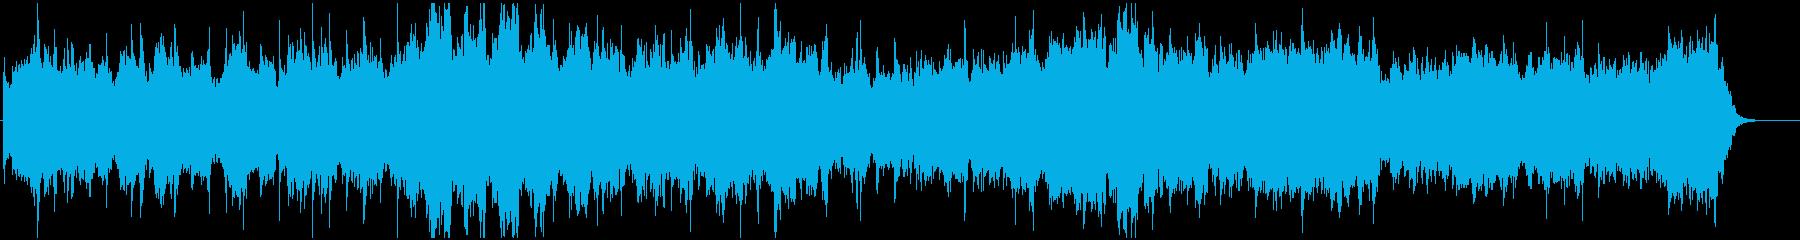 広がりのある優美で暖かみのあるBGMの再生済みの波形